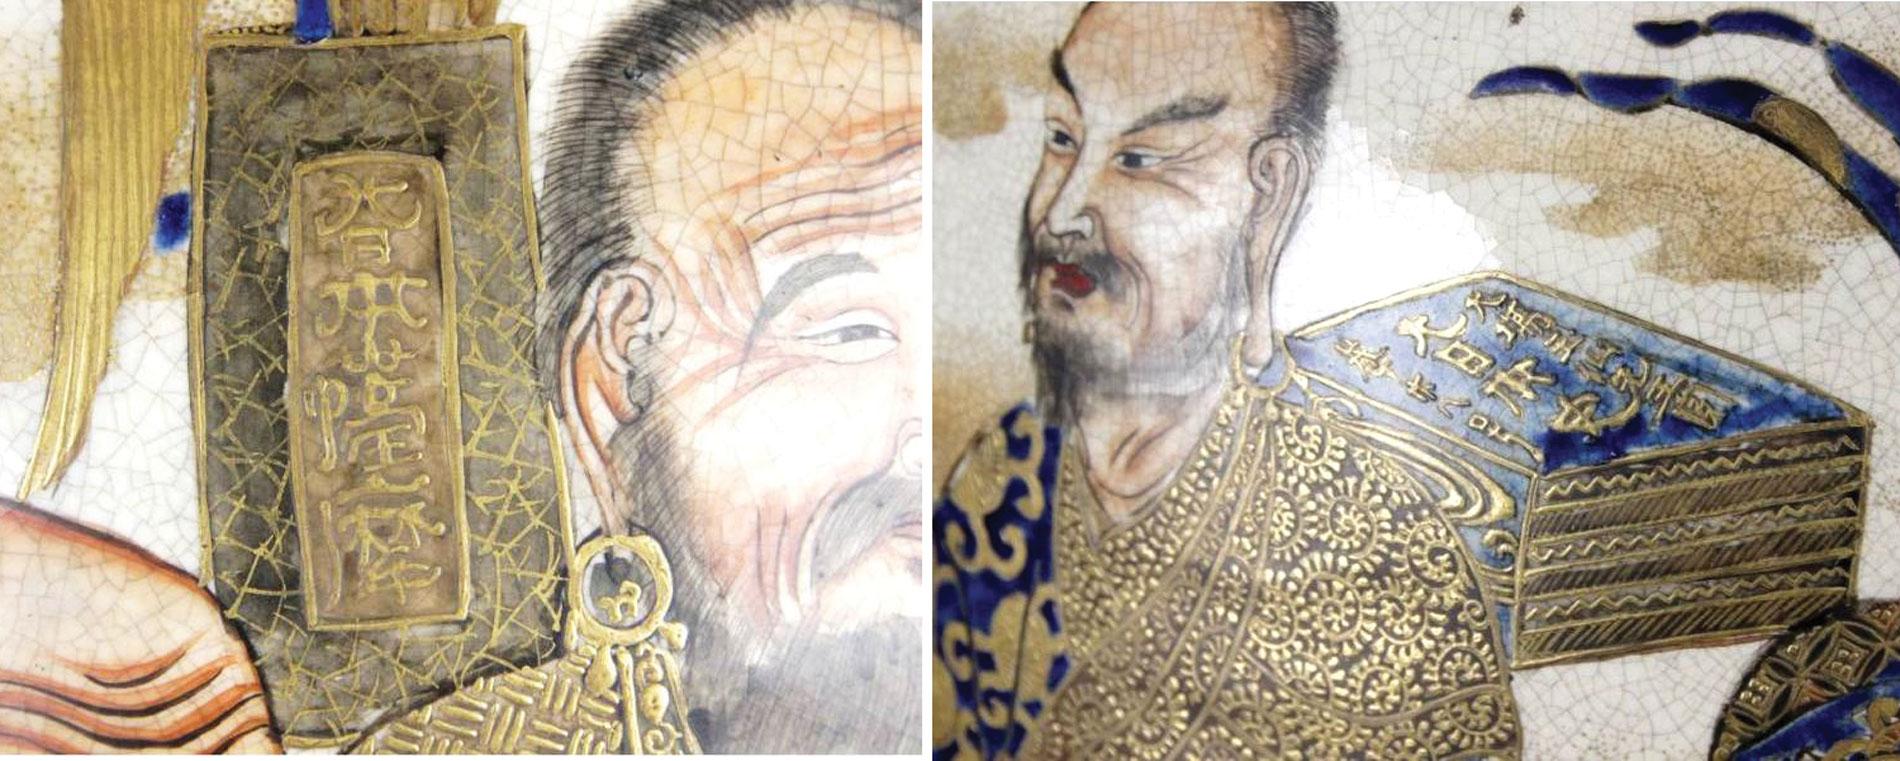 Kỳ ngoạn Satsuma (Gosu-Blue) Niên đại 1818-1890 và giới sưu tập Sài Gòn ảnh 1